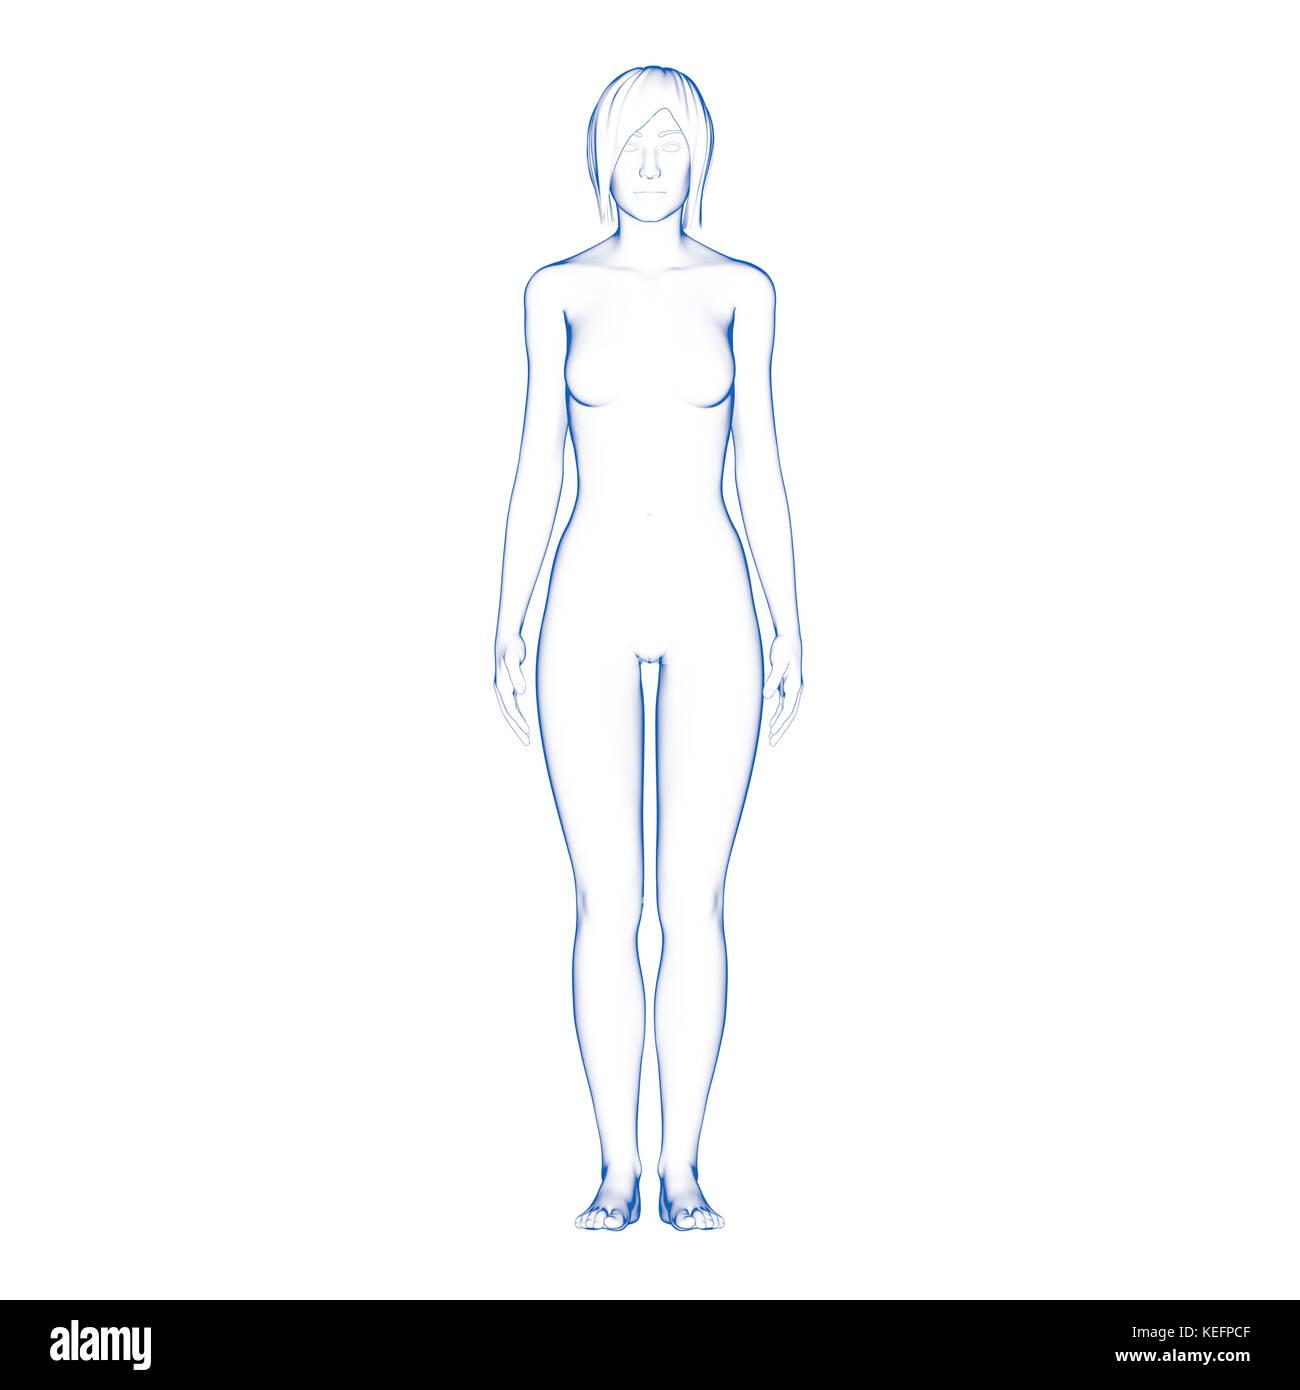 Beste Körperbild Von Organen Weiblich Ideen - Menschliche Anatomie ...